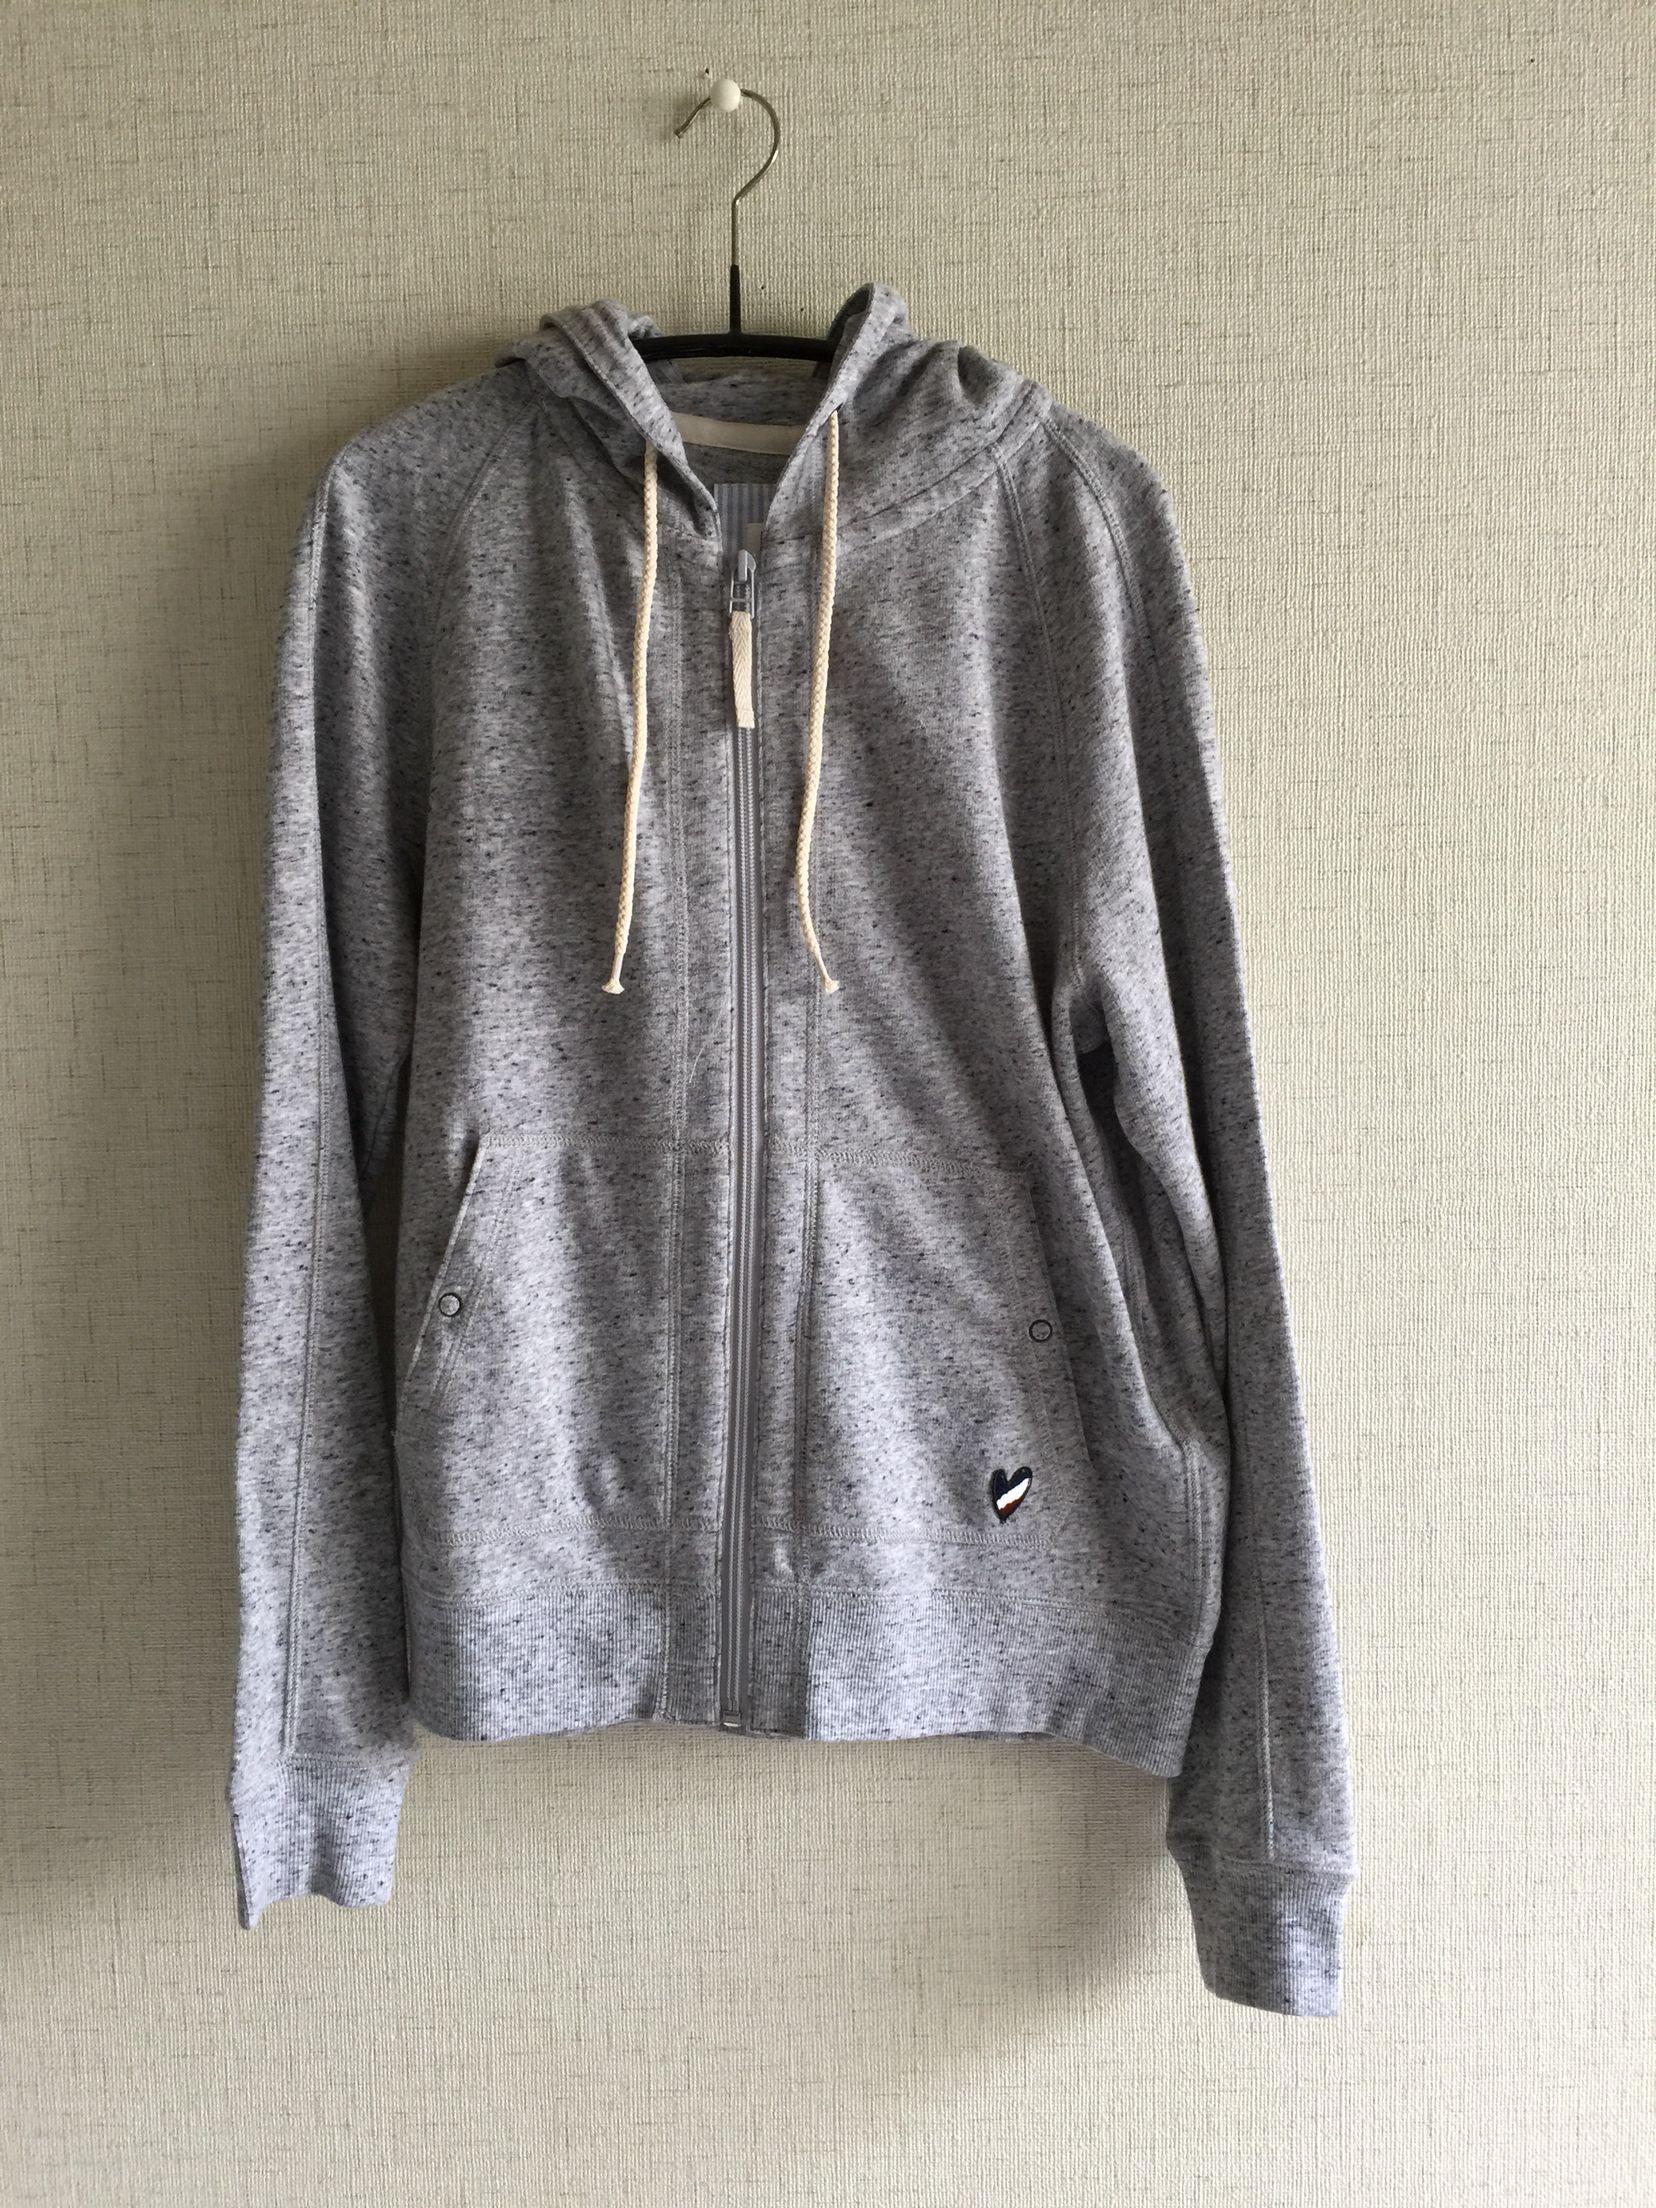 2015年3月PLST。習字対策。セーターの上からでも羽織れるパーカーを探して。初プラステです。ものすごい伸びるのね。びっくり。これぐらいの価格帯で上手にお洒落できるようになりたいわ。6000円ぐらい。